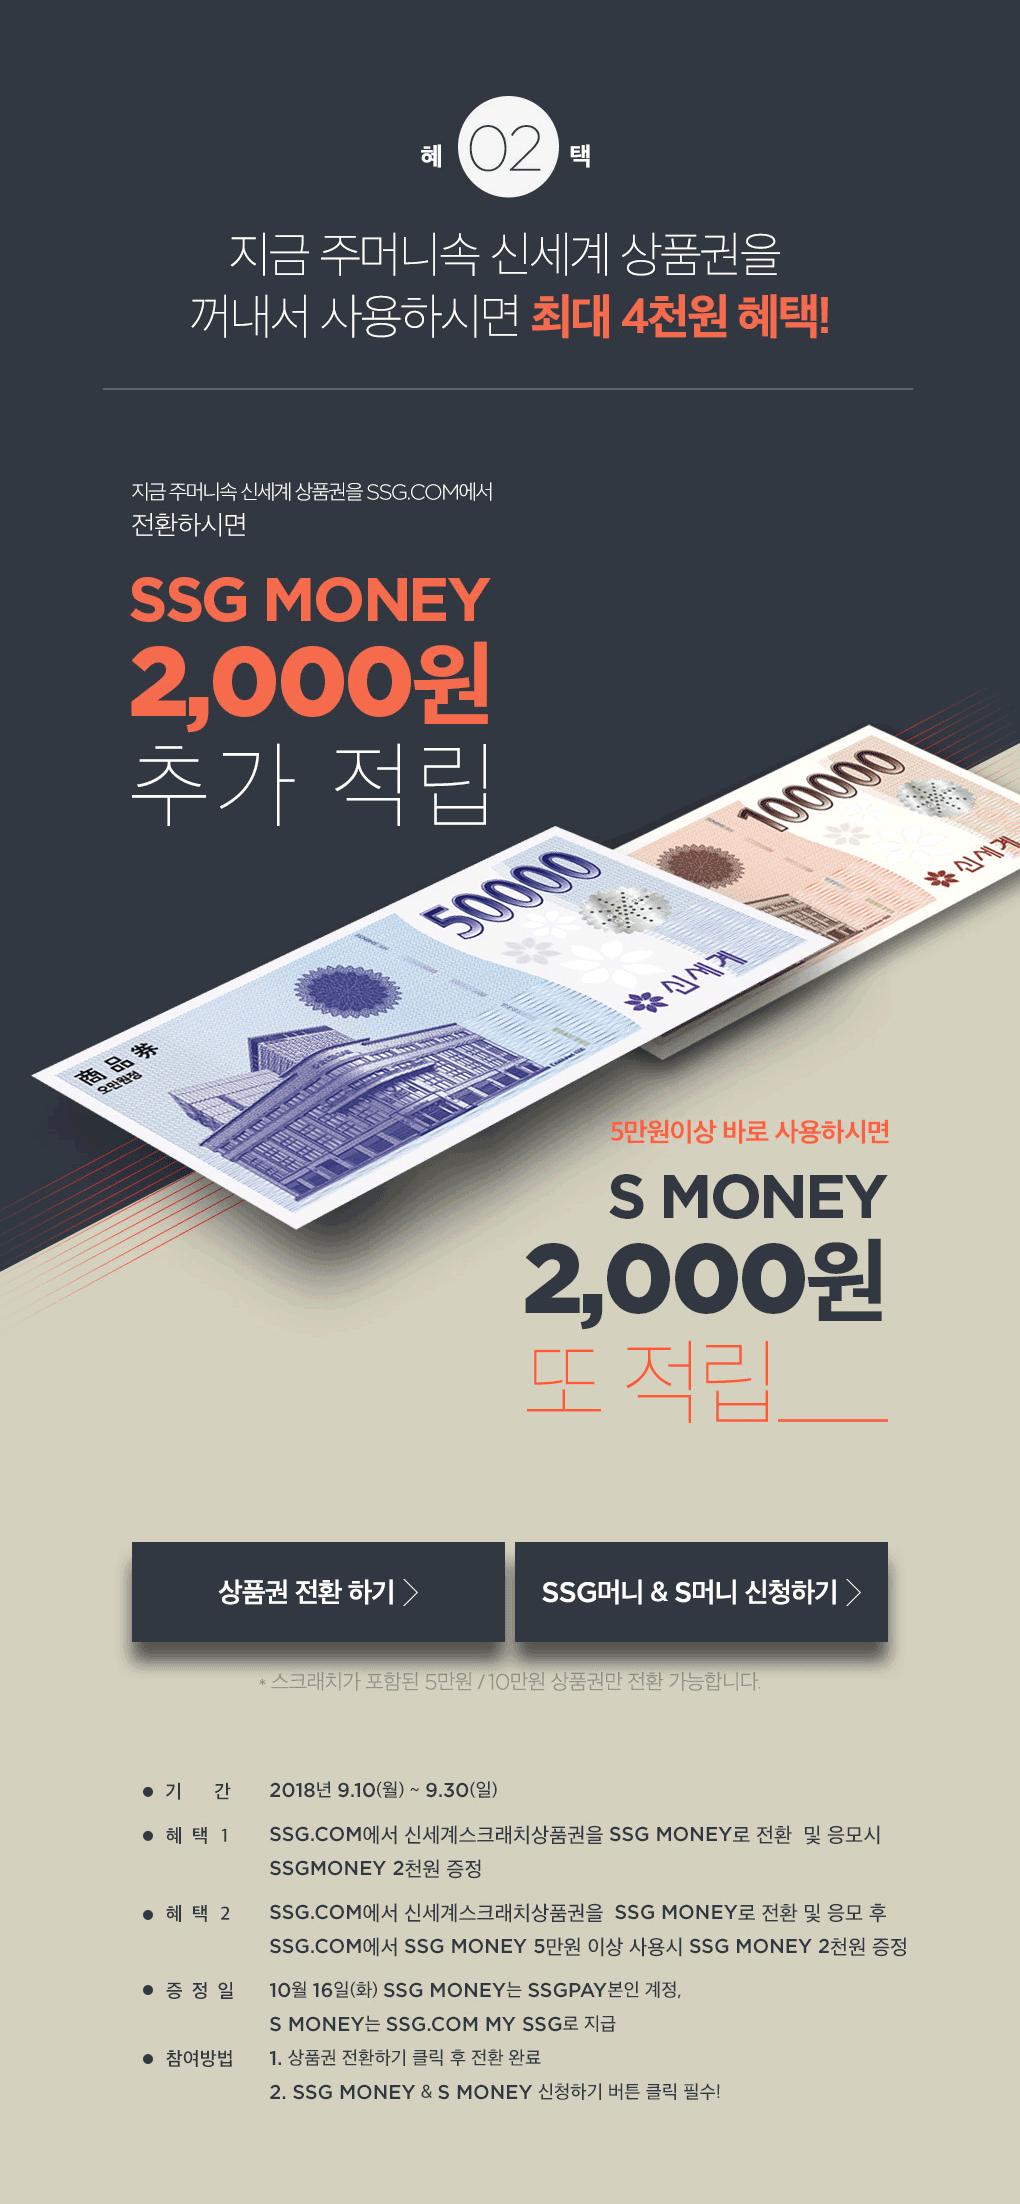 지금 주머니 속 신세계 상품권을 SSG.COM에서 전환하시면 SSG MONEY 2,000원 추가 적립. 5만원 이상 바로 사용하시면 S MONEY 2,000원 또 적립.